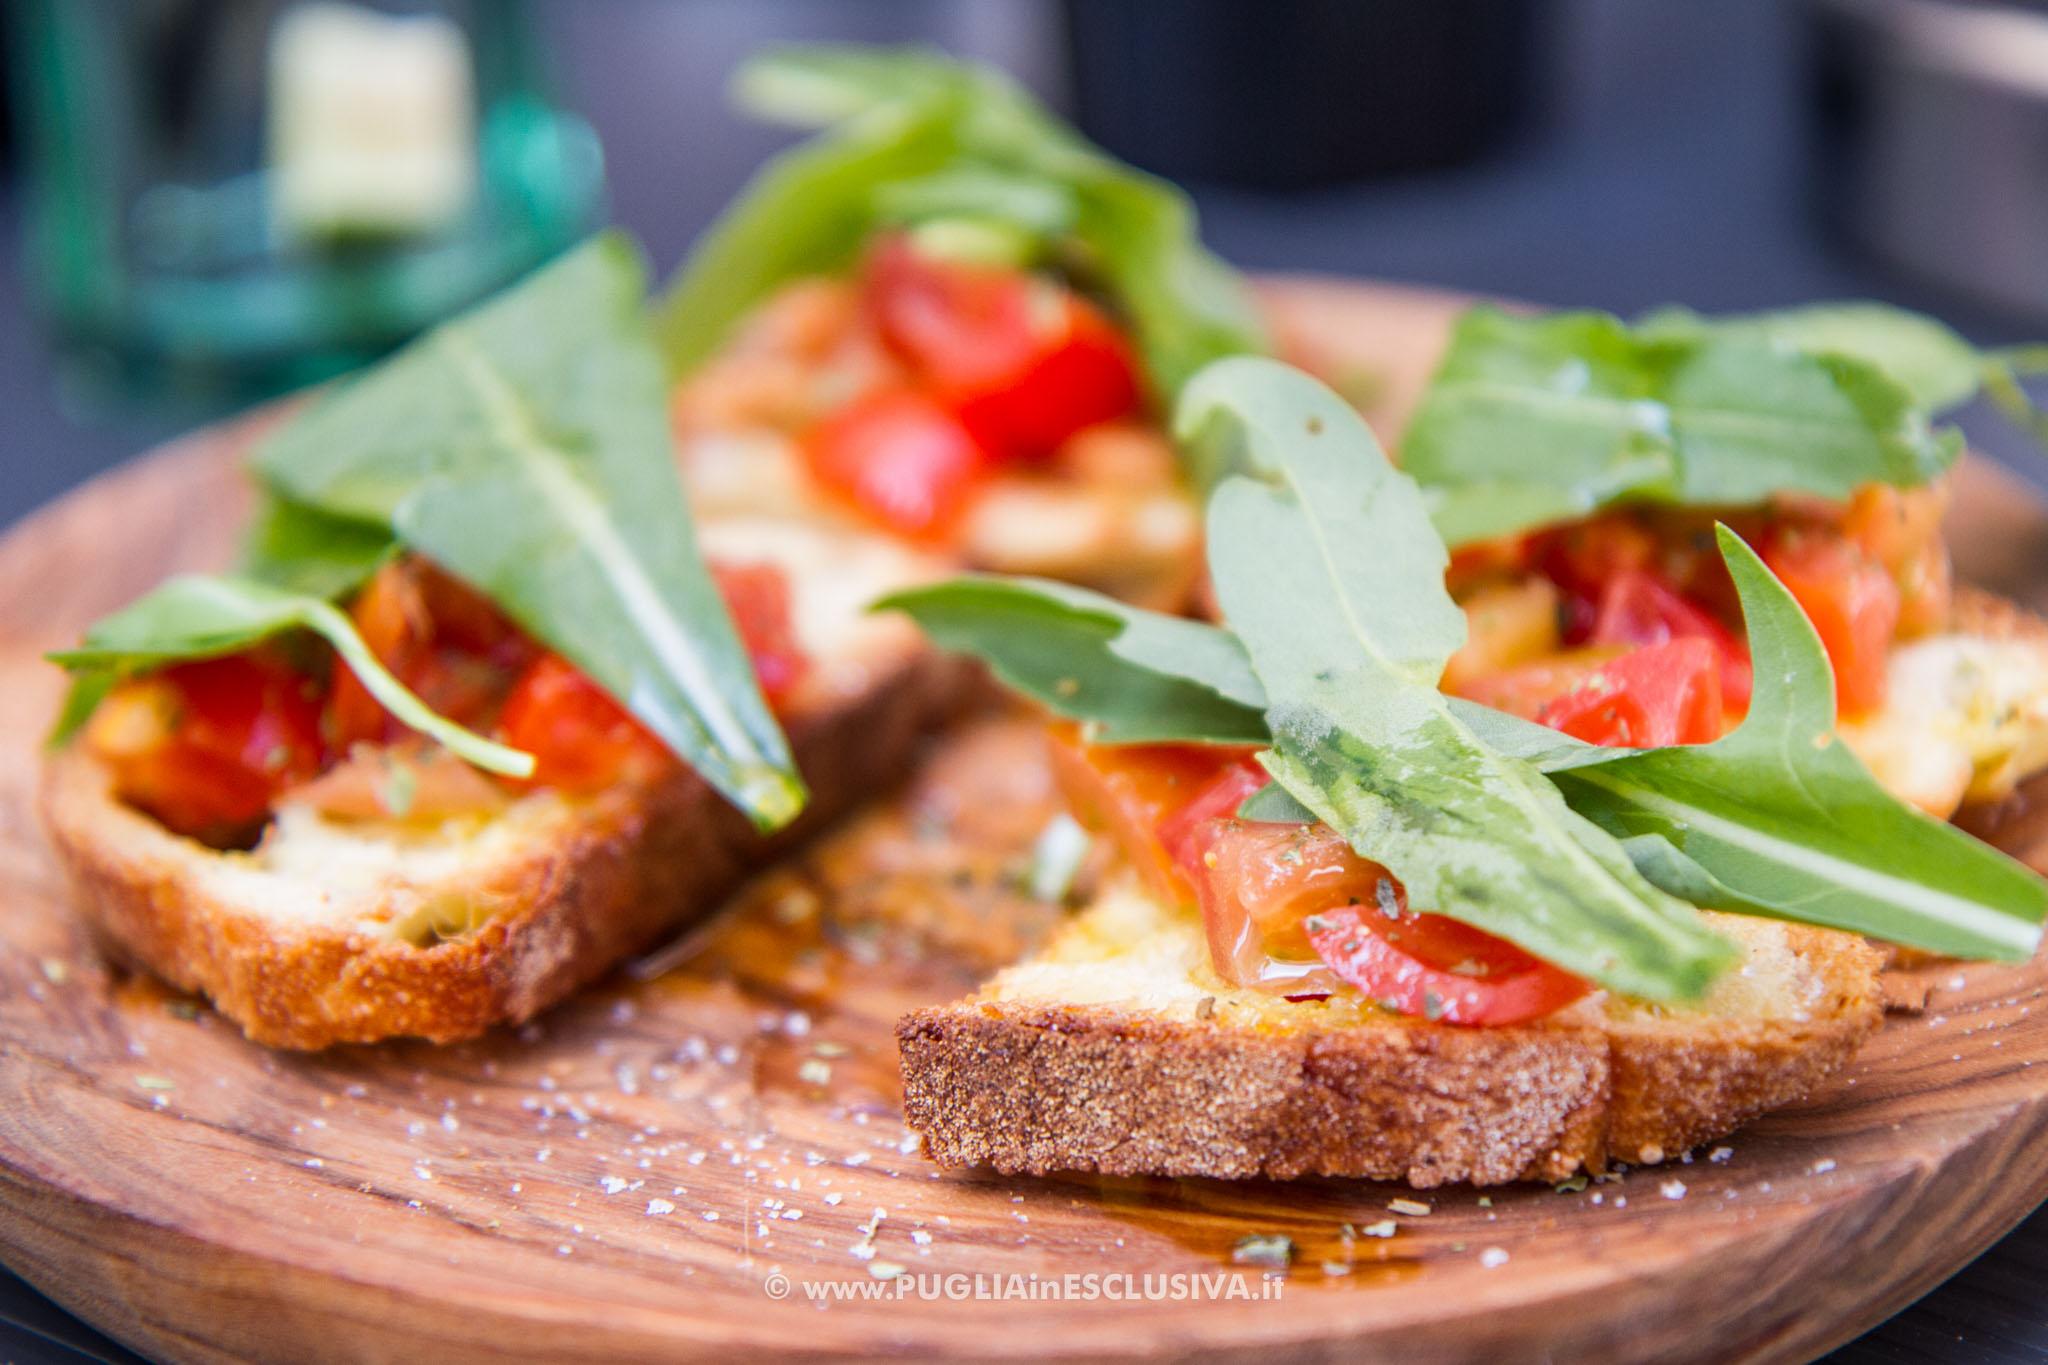 Bruschetta di pane e pomodoro